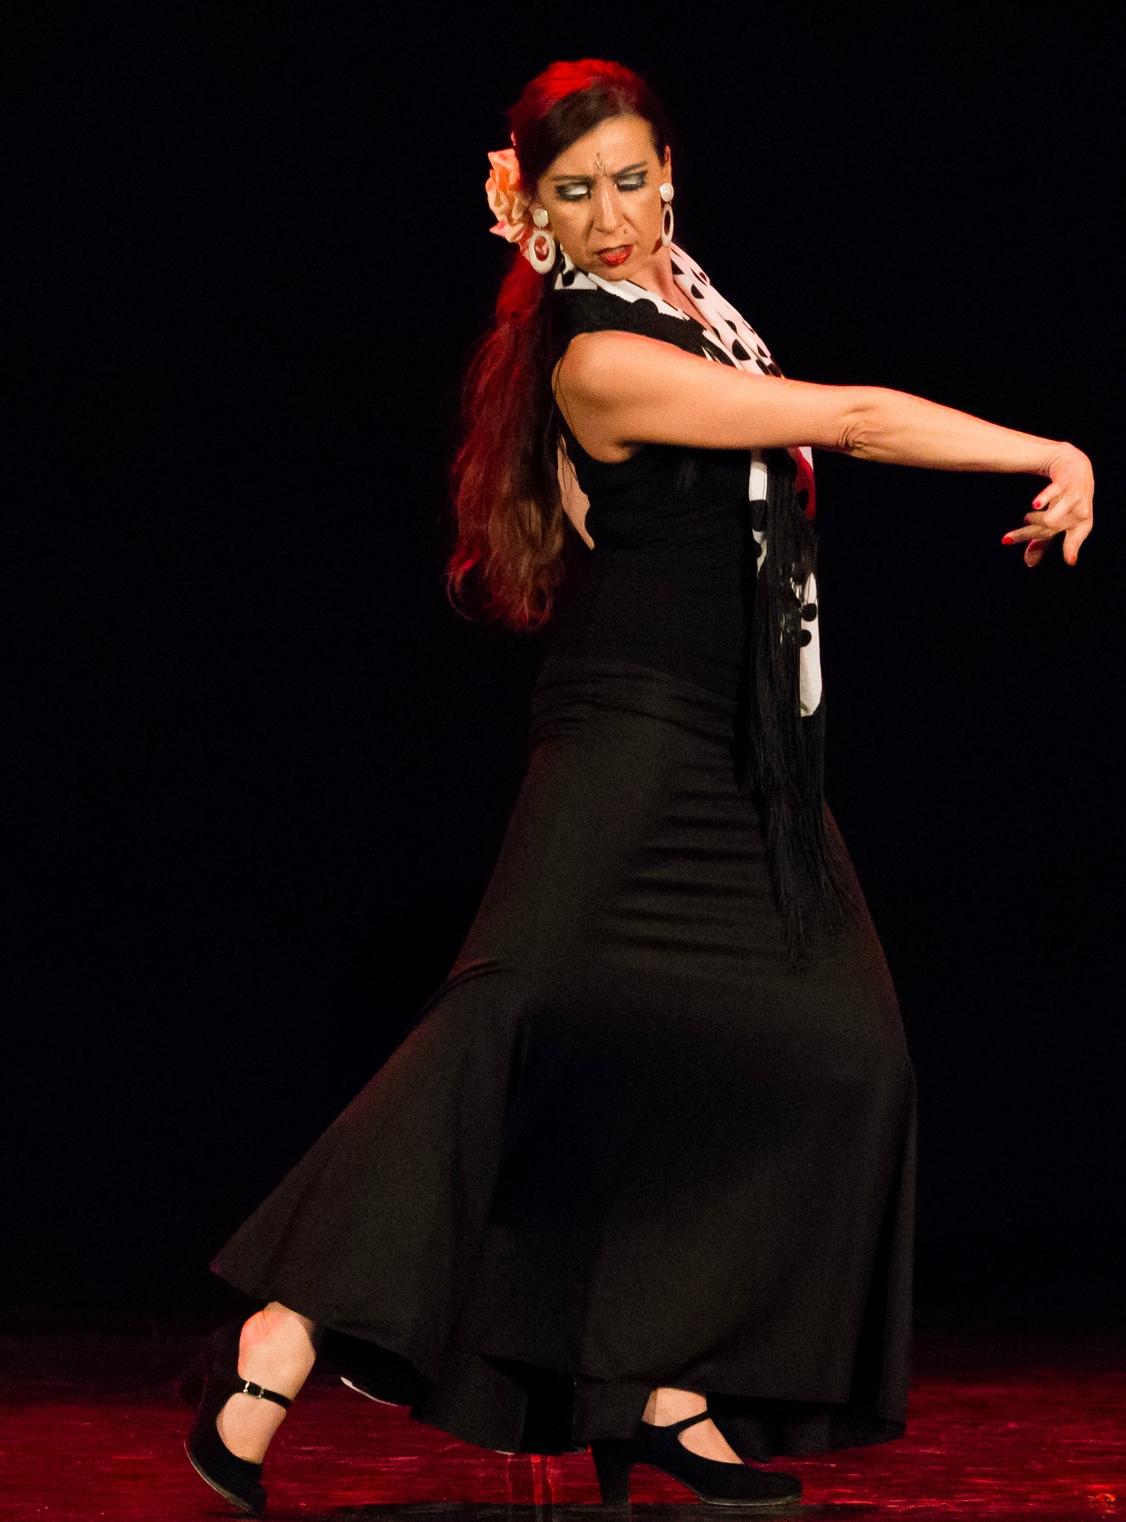 corso di flamenco a Milano alla Phoenix Studio Dance a.s.d.